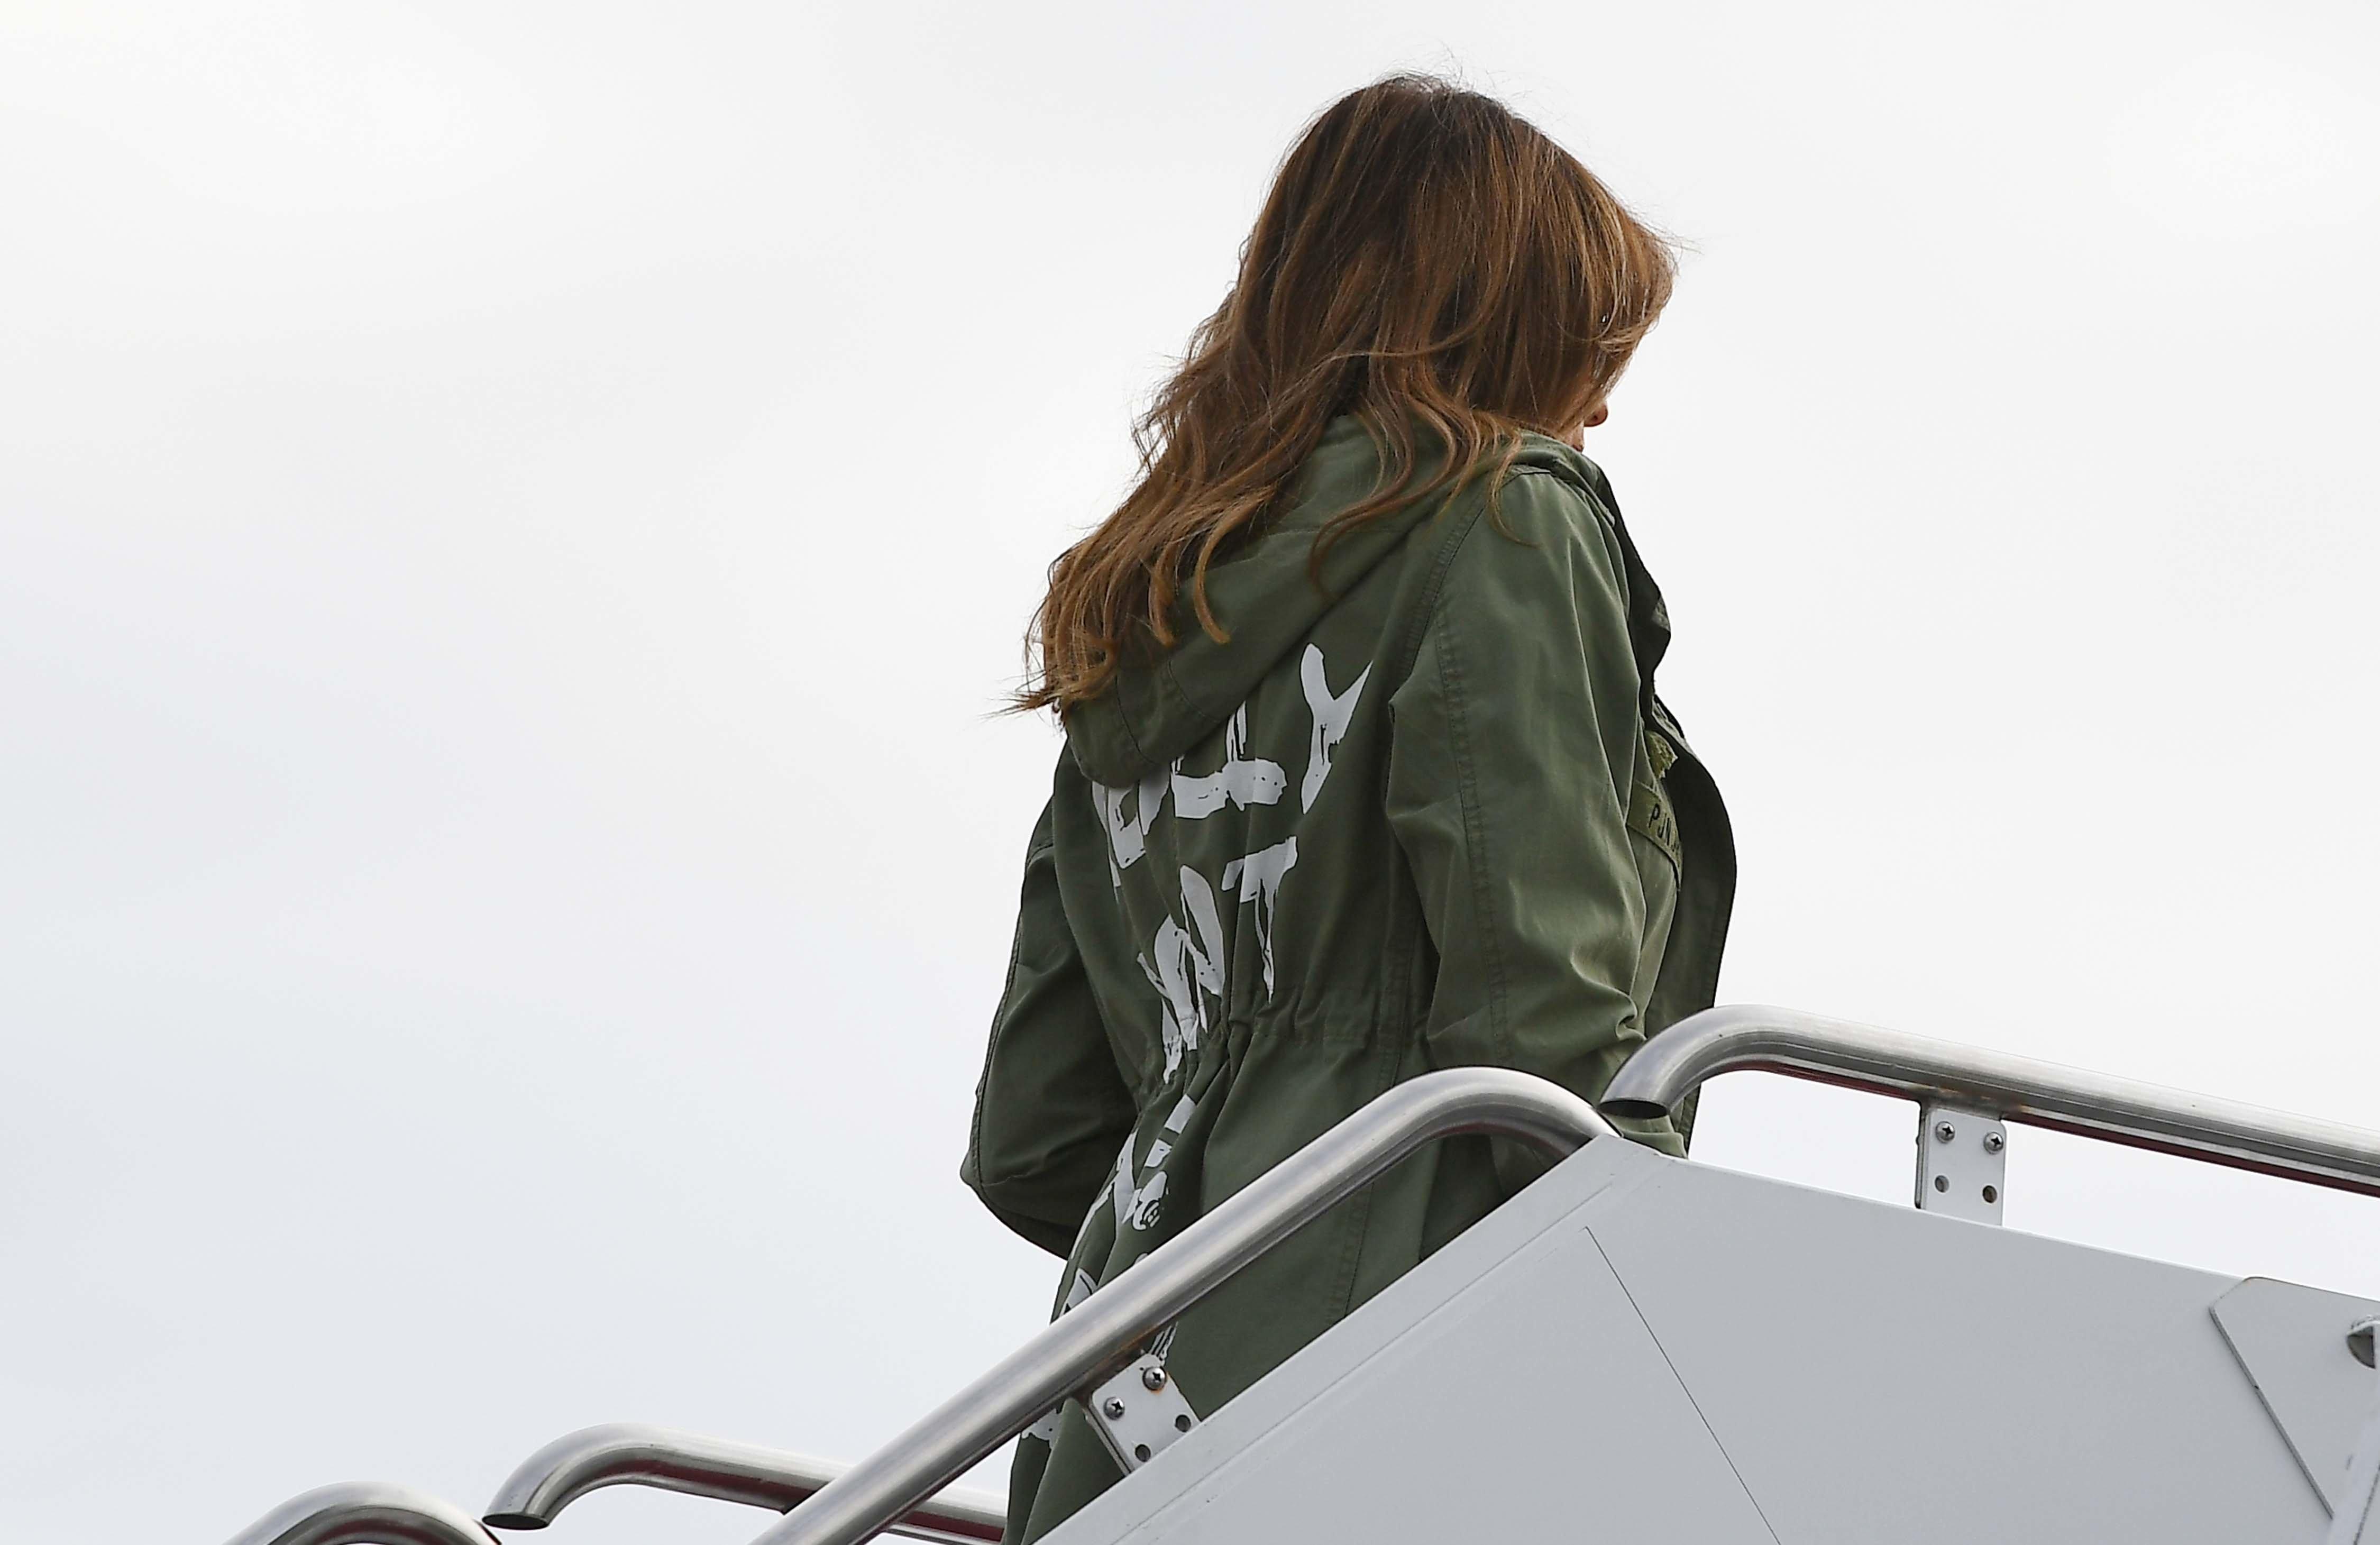 멜라니아 트럼프가 입은 재킷이 논란에